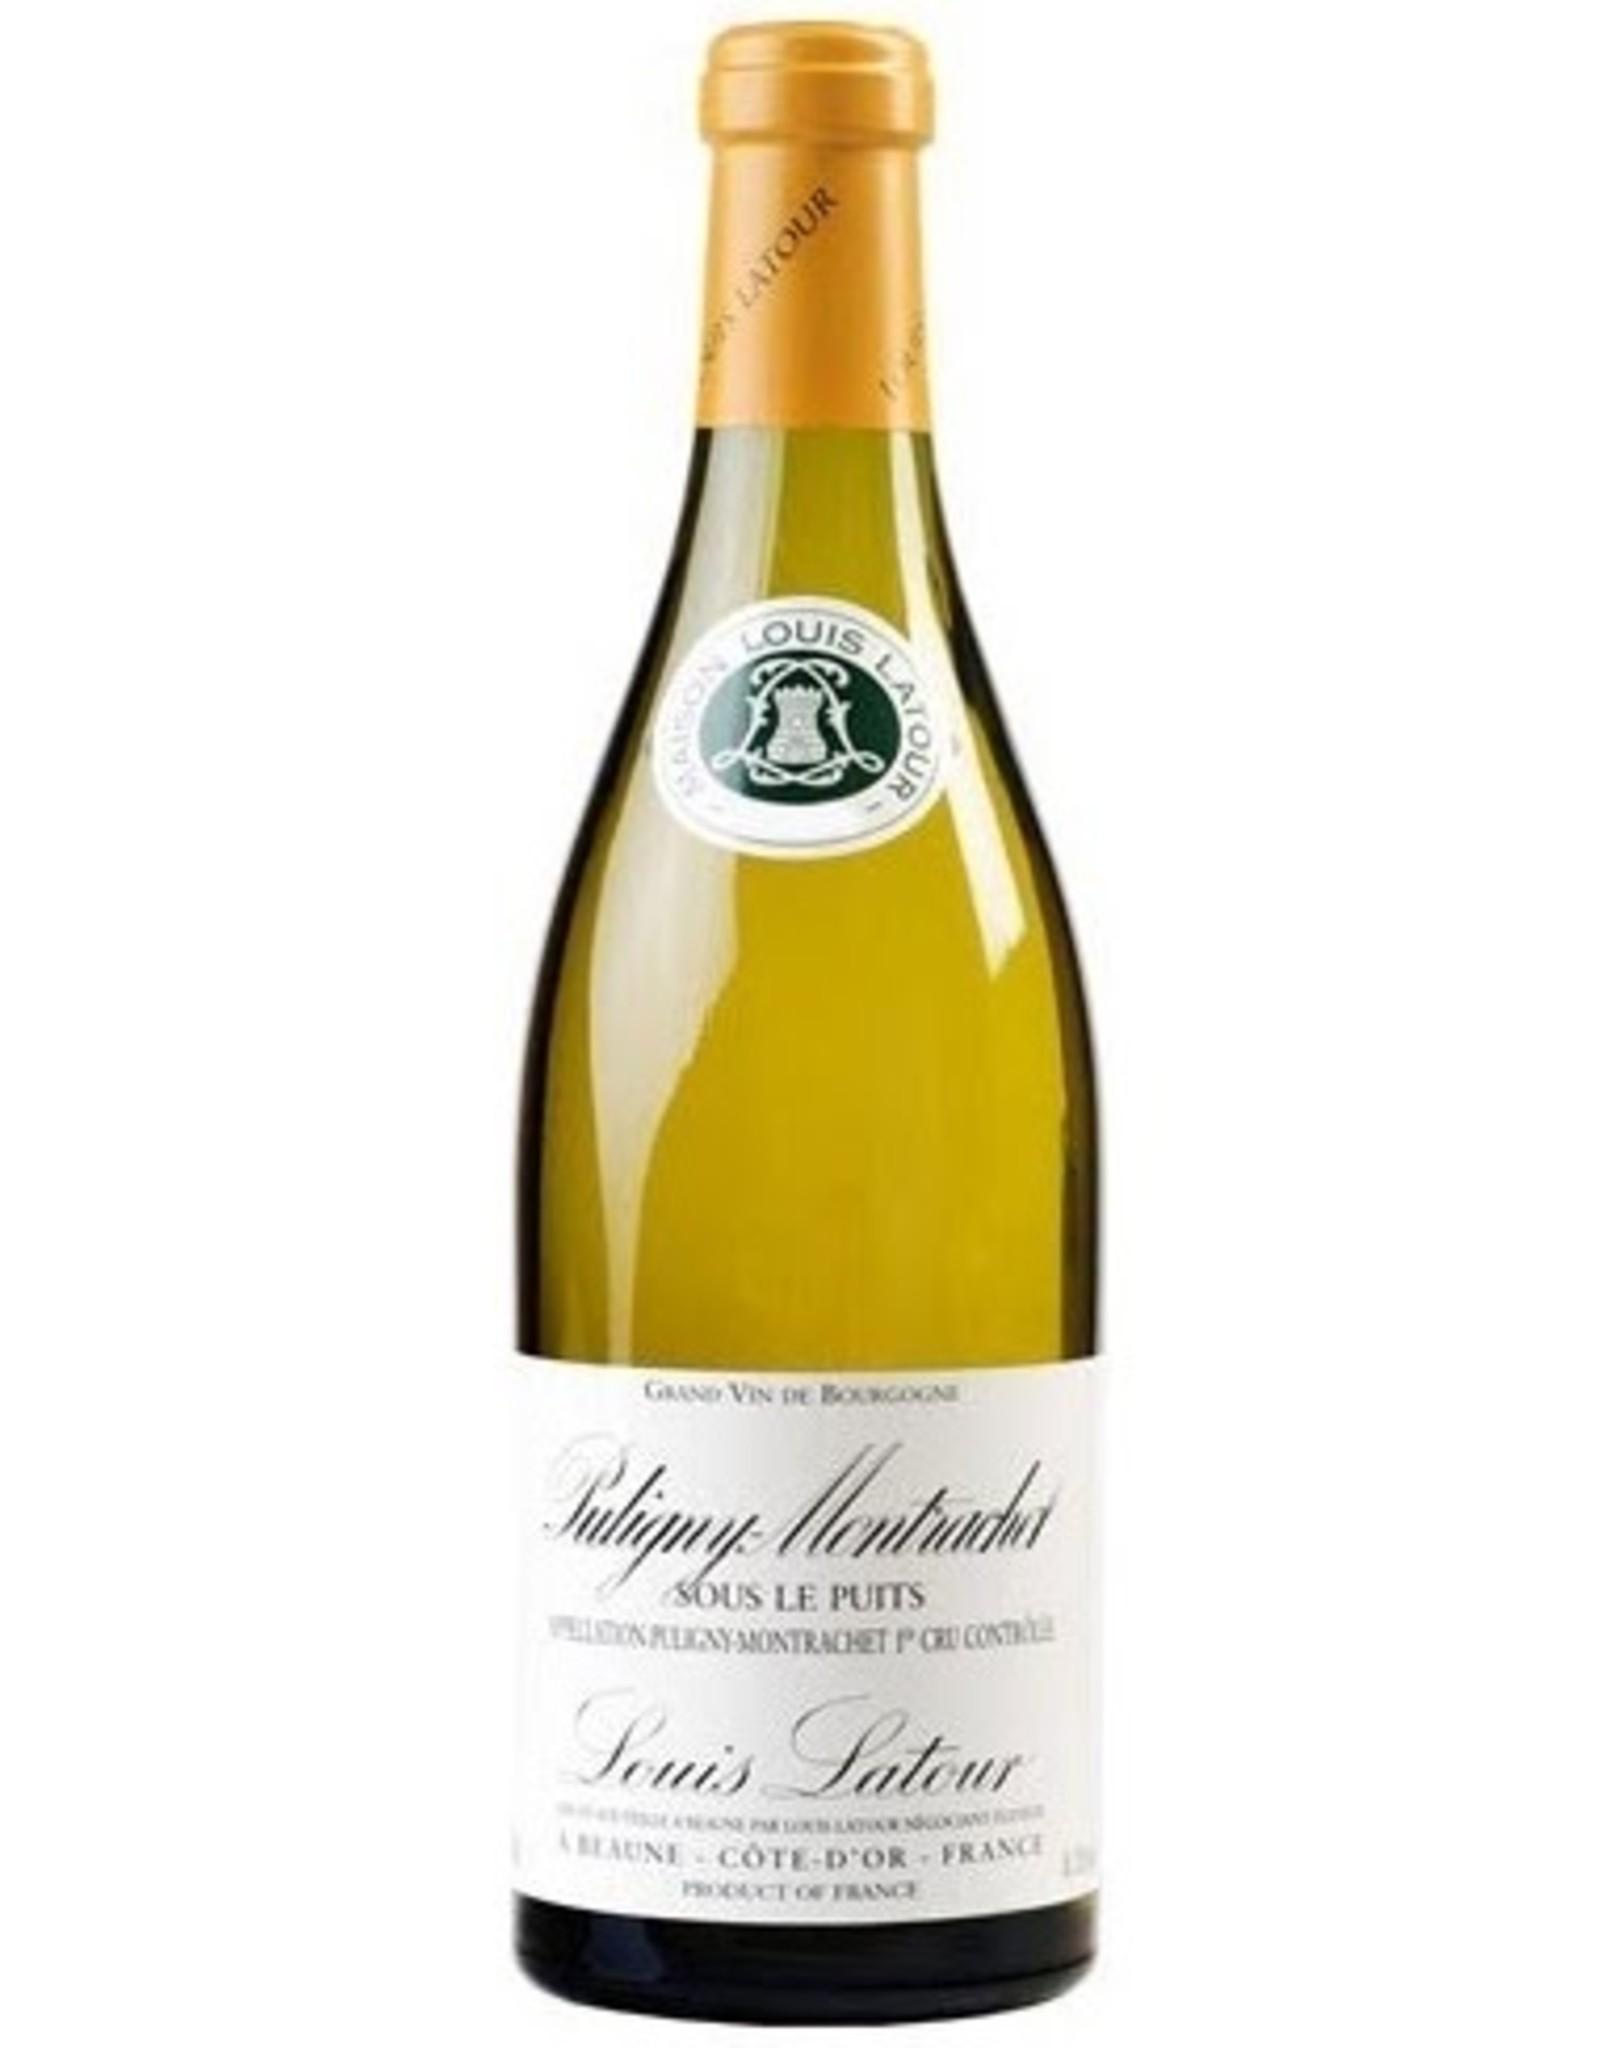 White Wine 2011, Louis Latour Sous le Puits Premier Cru Cote-D-Or, Chardonnay, Puligny-Montrachet, Burgundy, France, 13% Alc, CT90.7, TW95